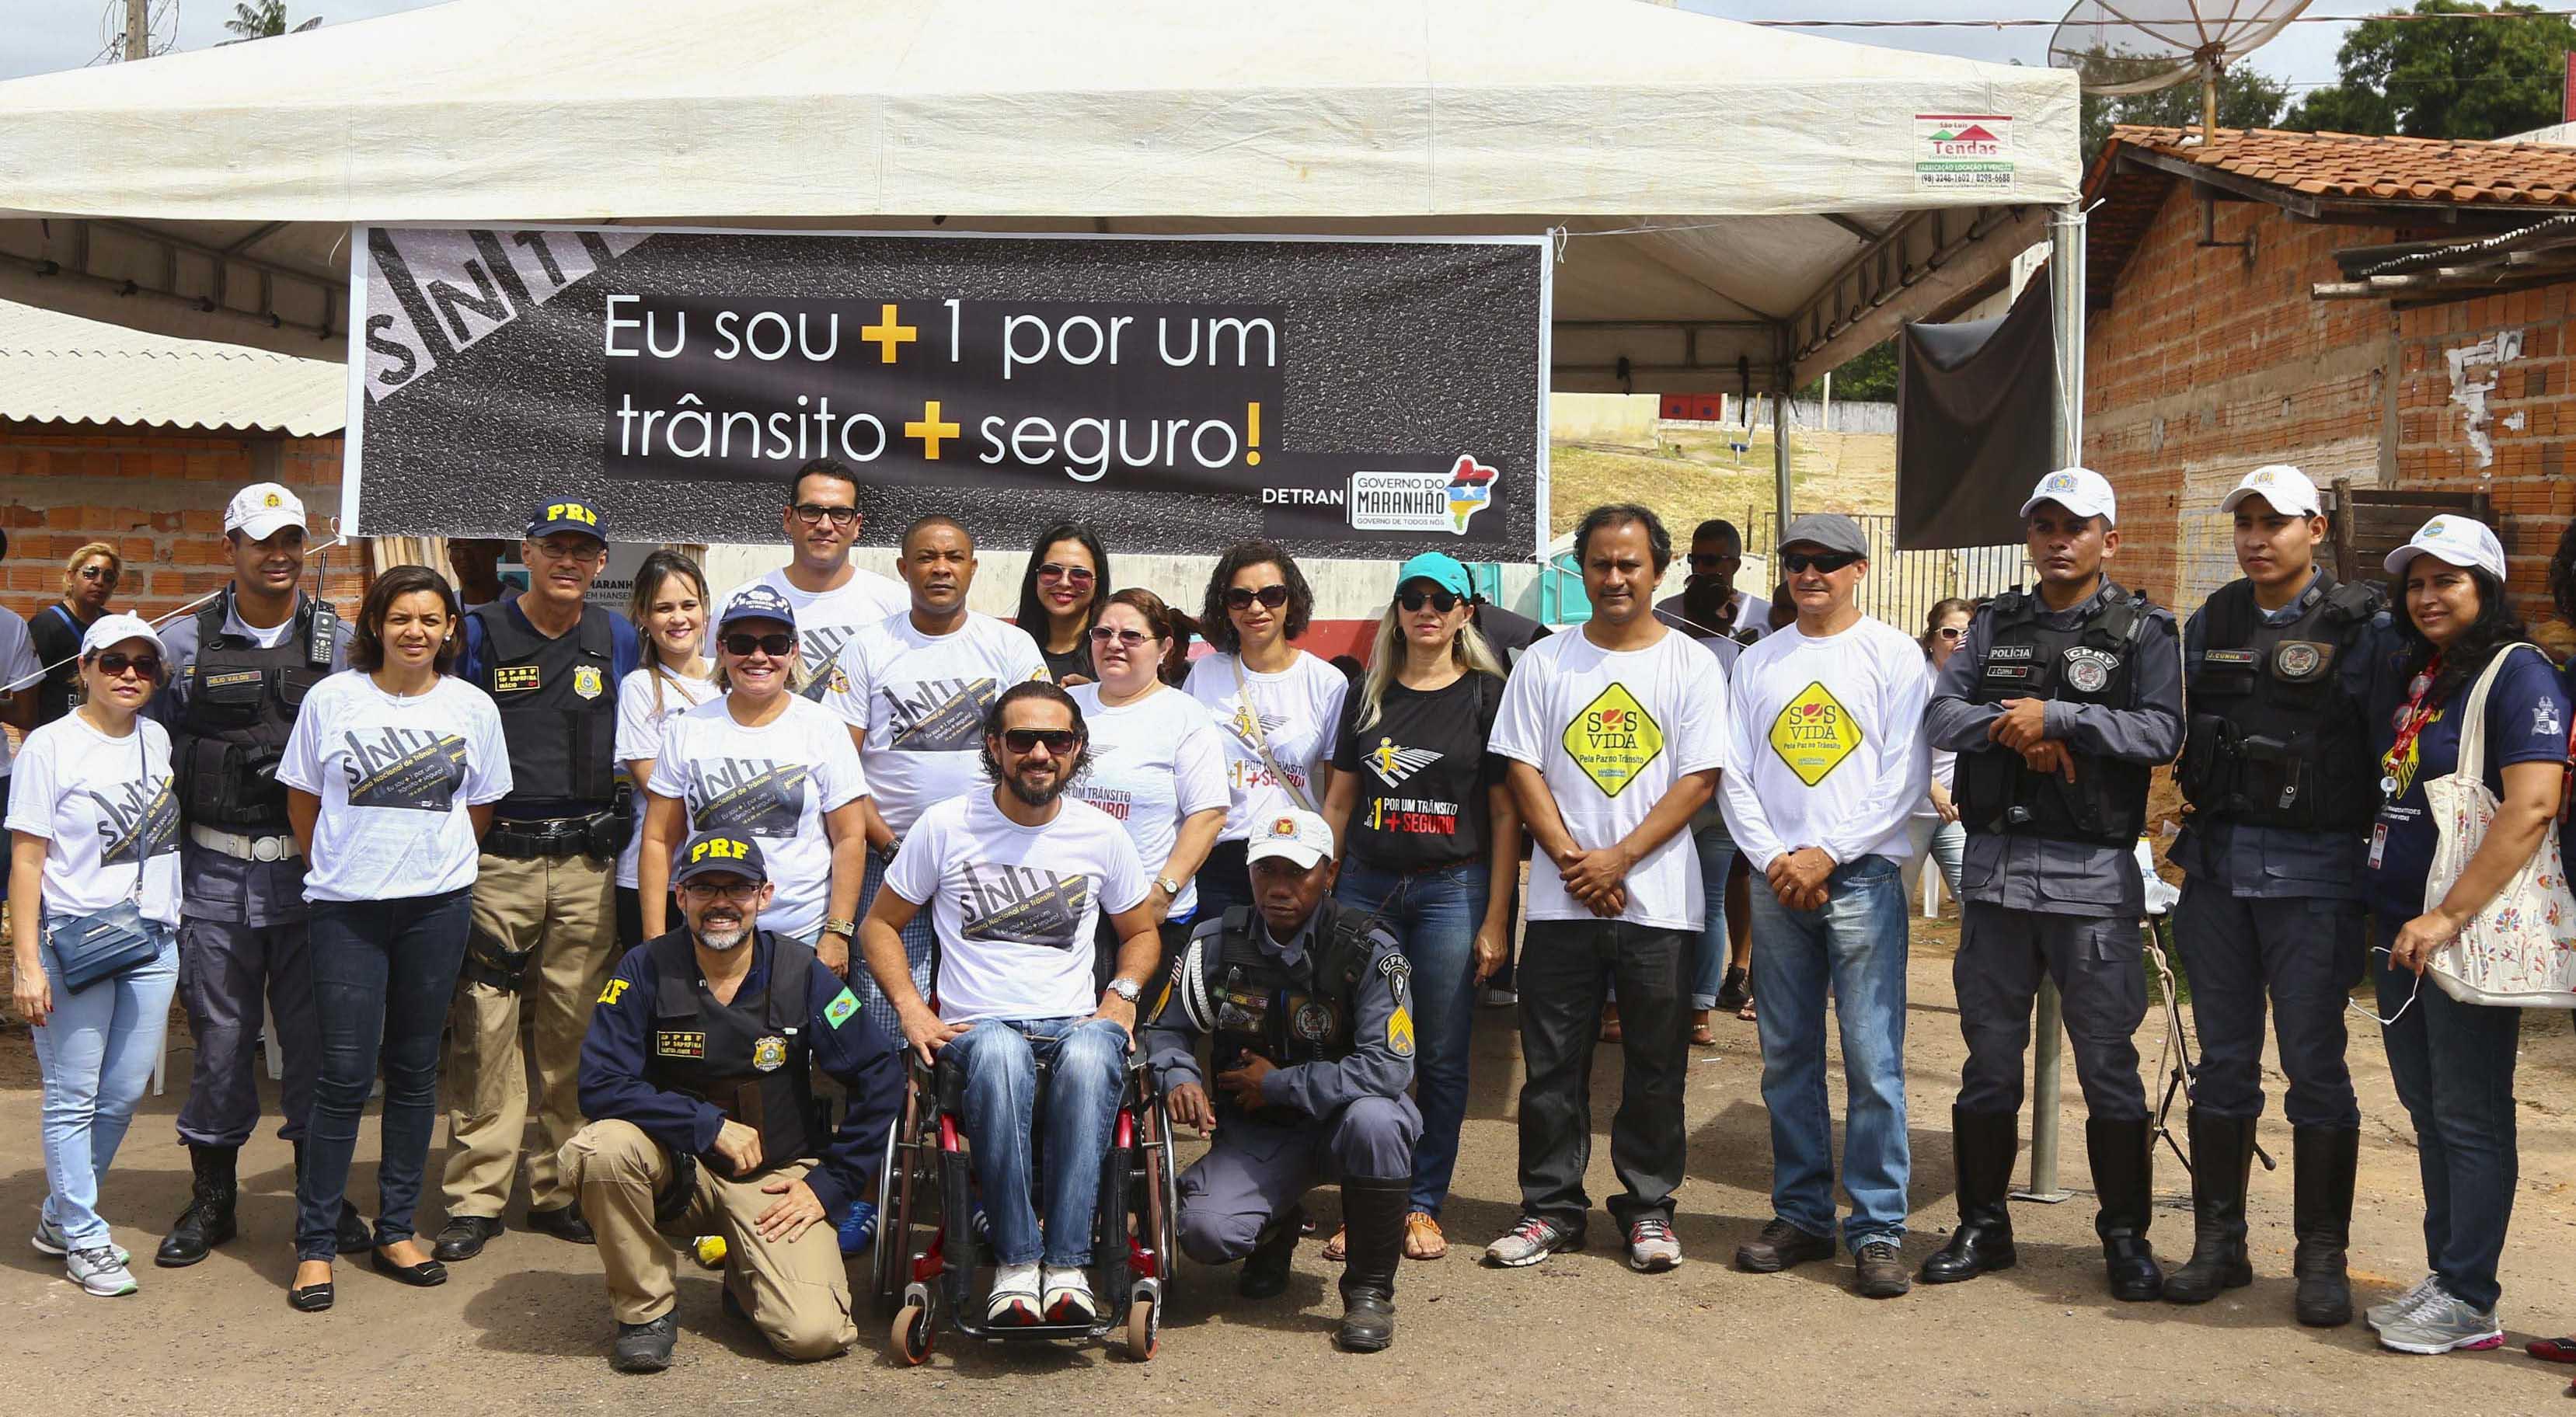 Foto 7 - Encerramento da Semana Nacional de Trânsito foto Gilson Teixeira (7)